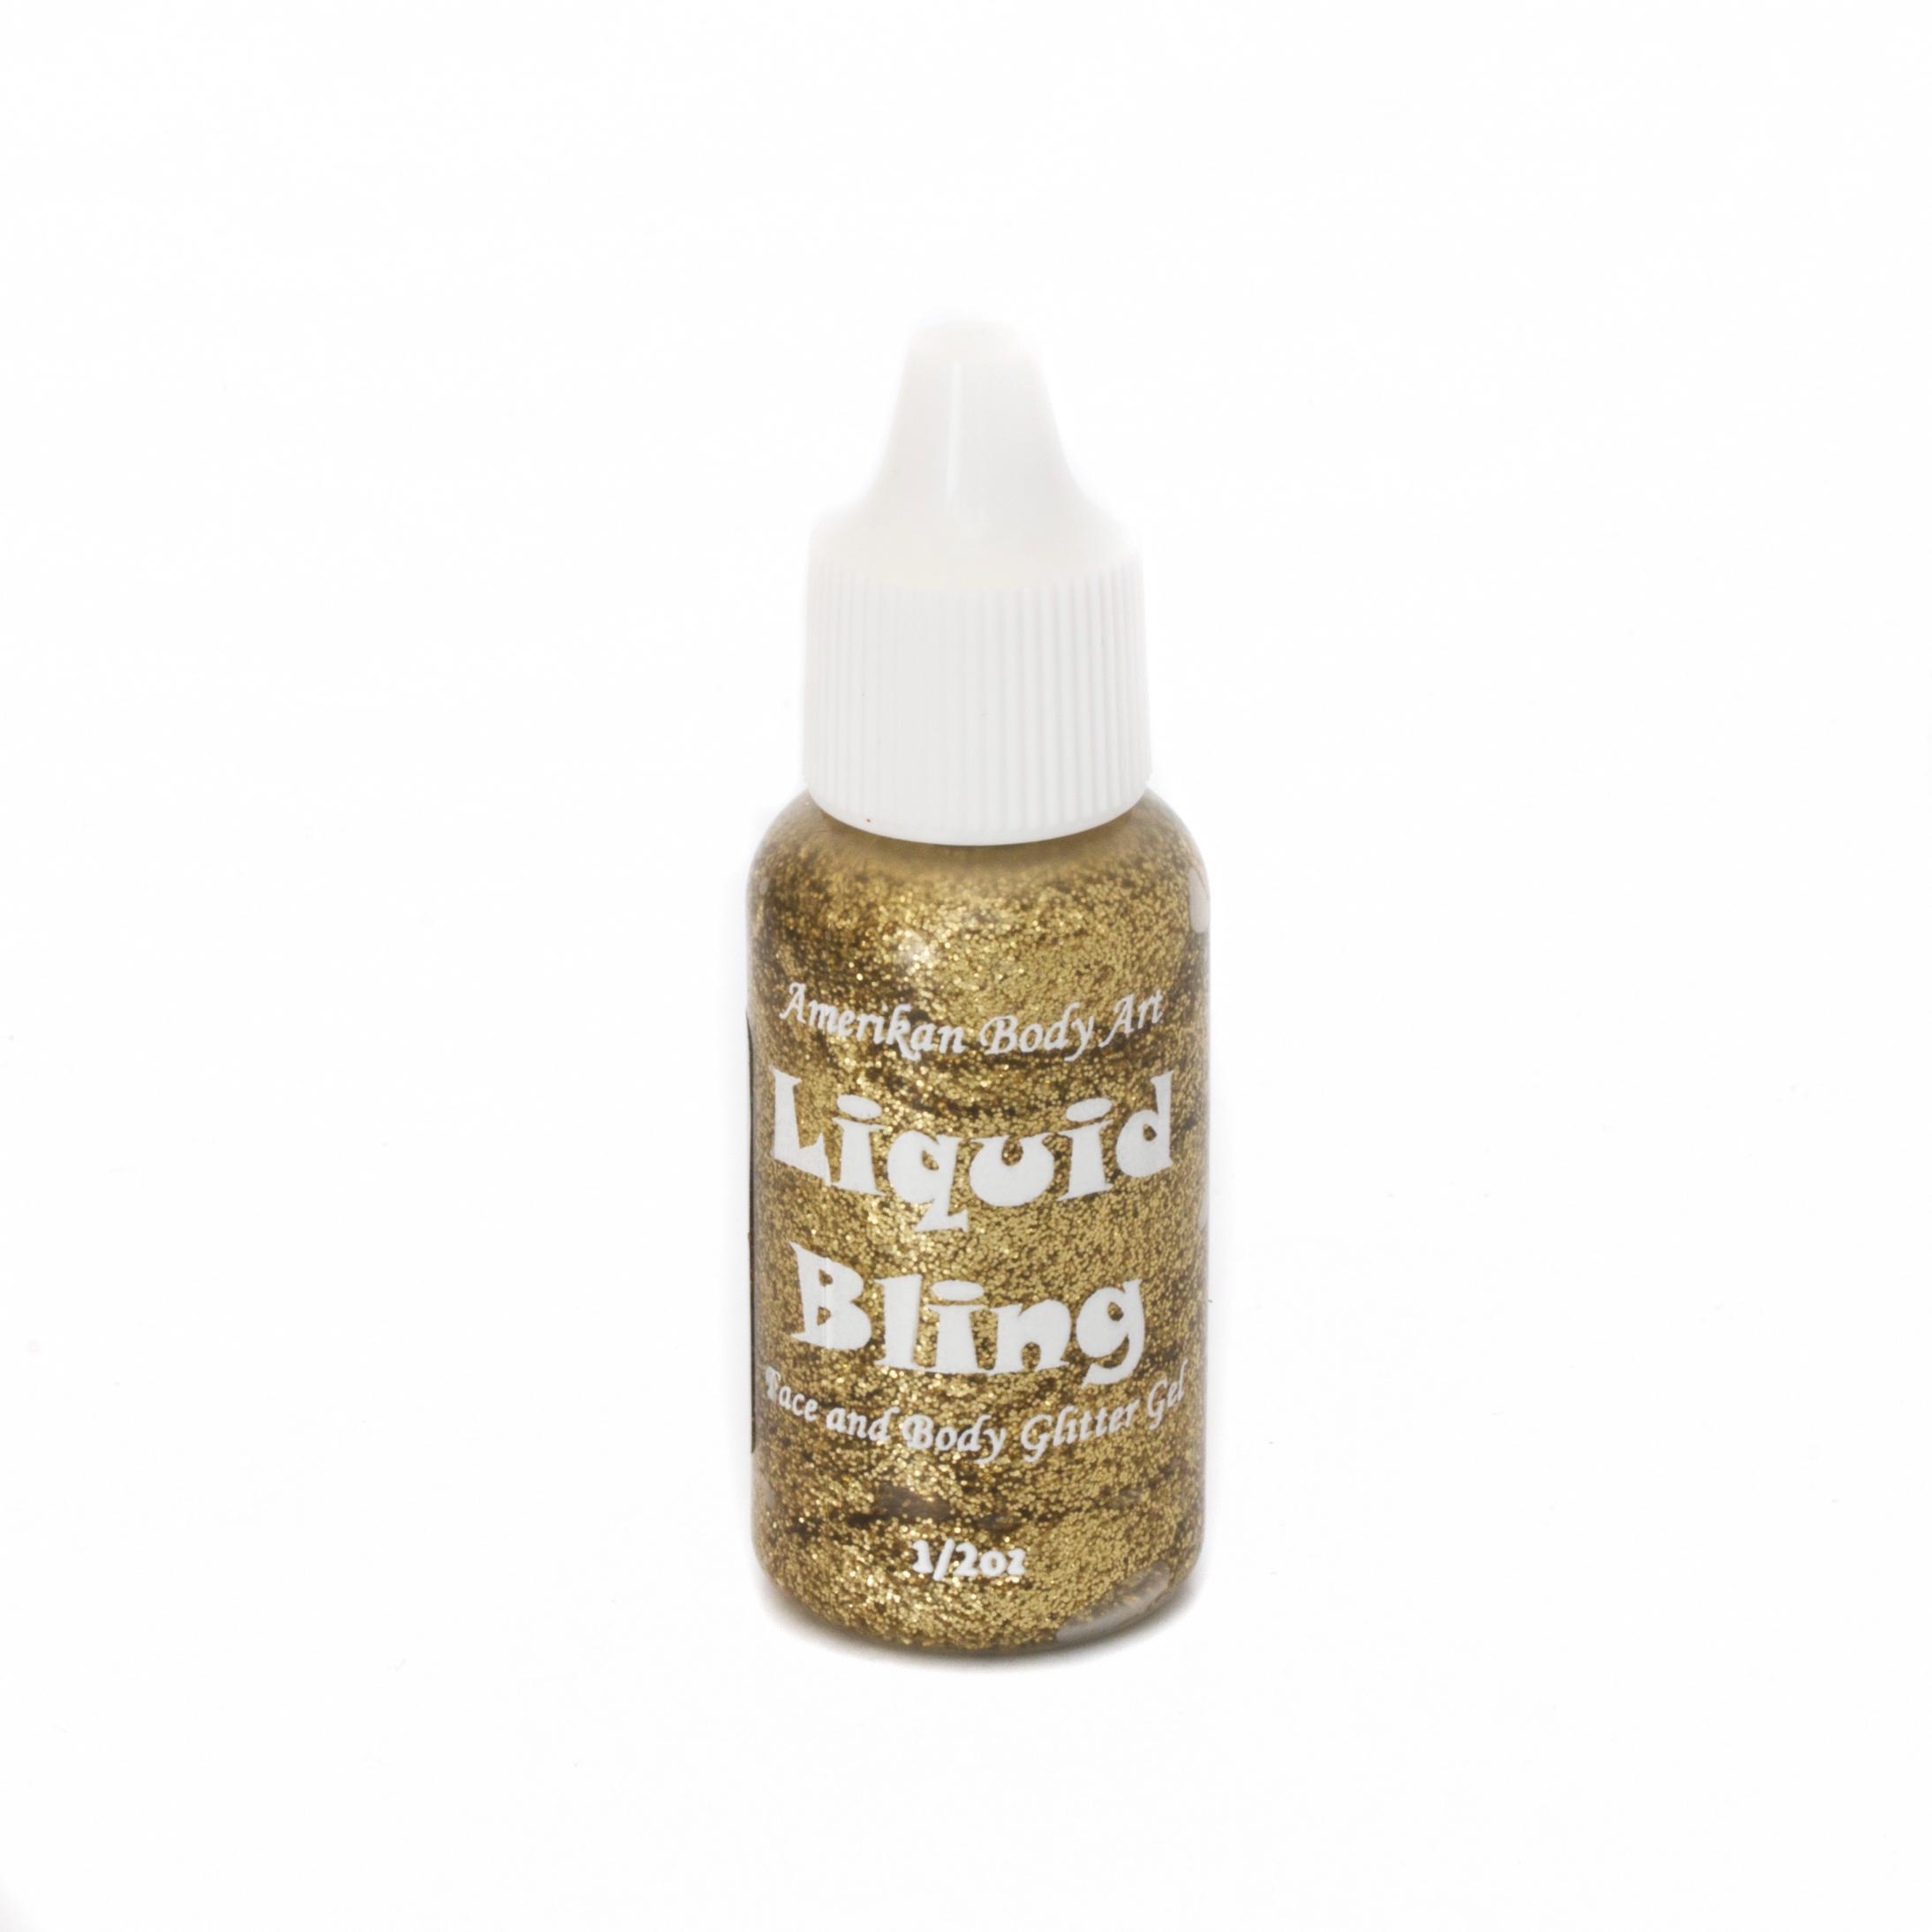 Brilliant Gold Liquid Bling